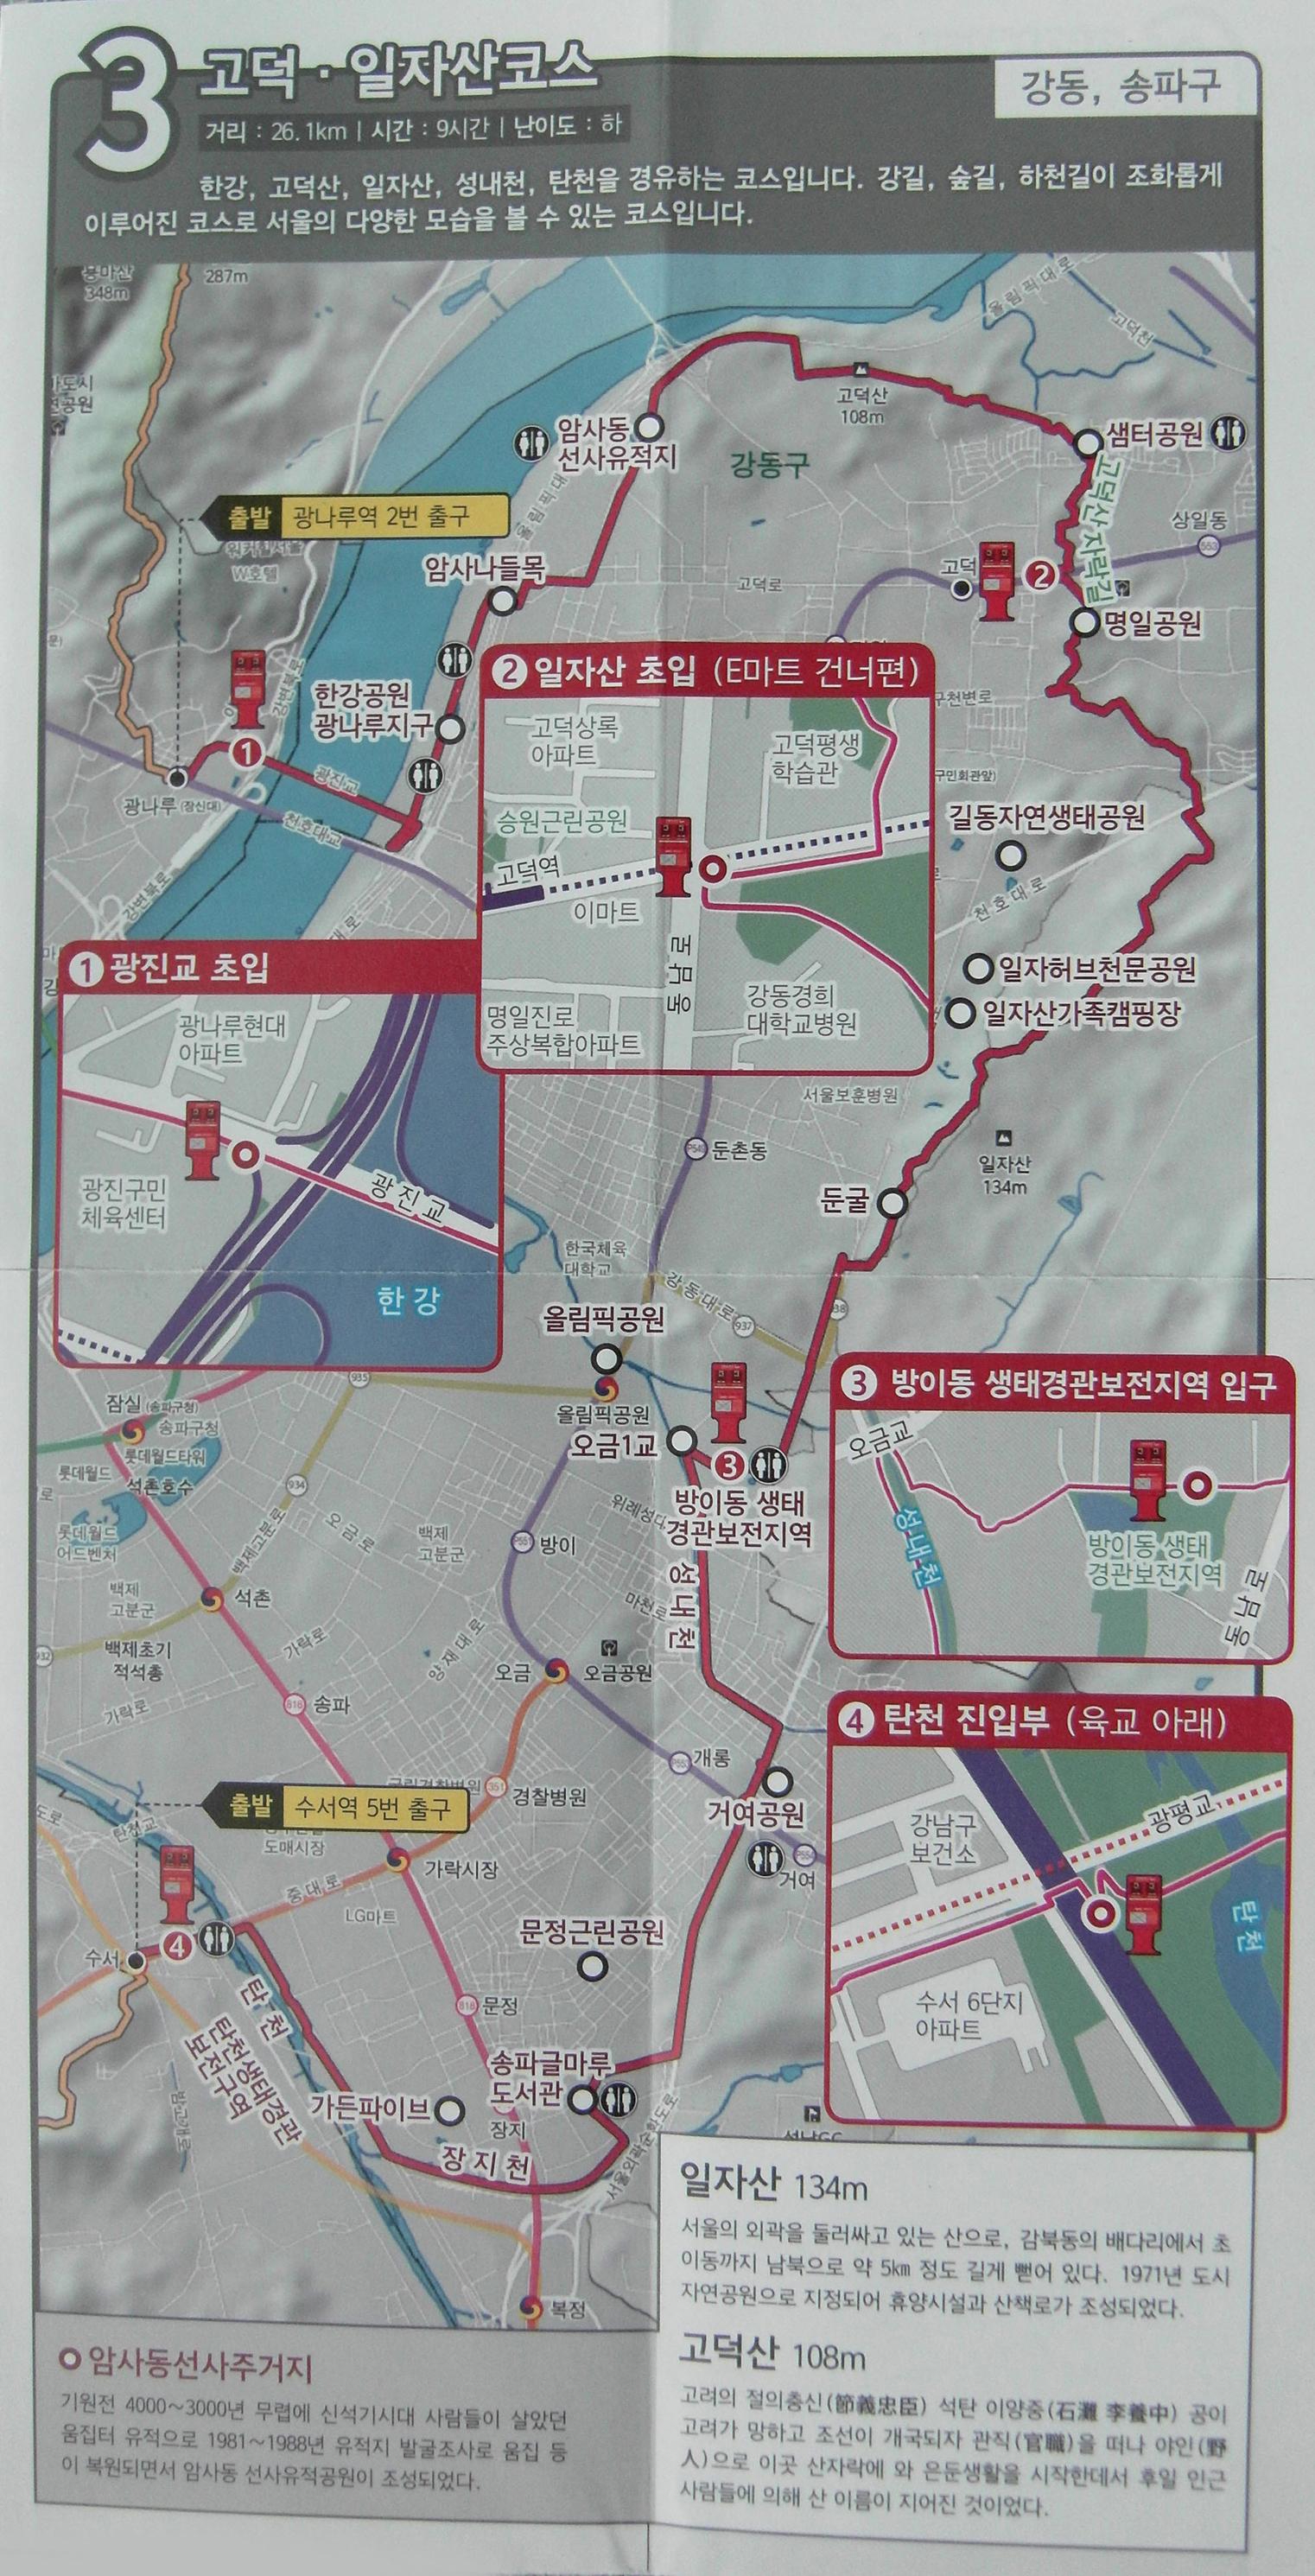 서울둘레길 3-1코스(고덕산구간)- 광나루역에서 고덕산정상 지나 중앙보훈병원역까지